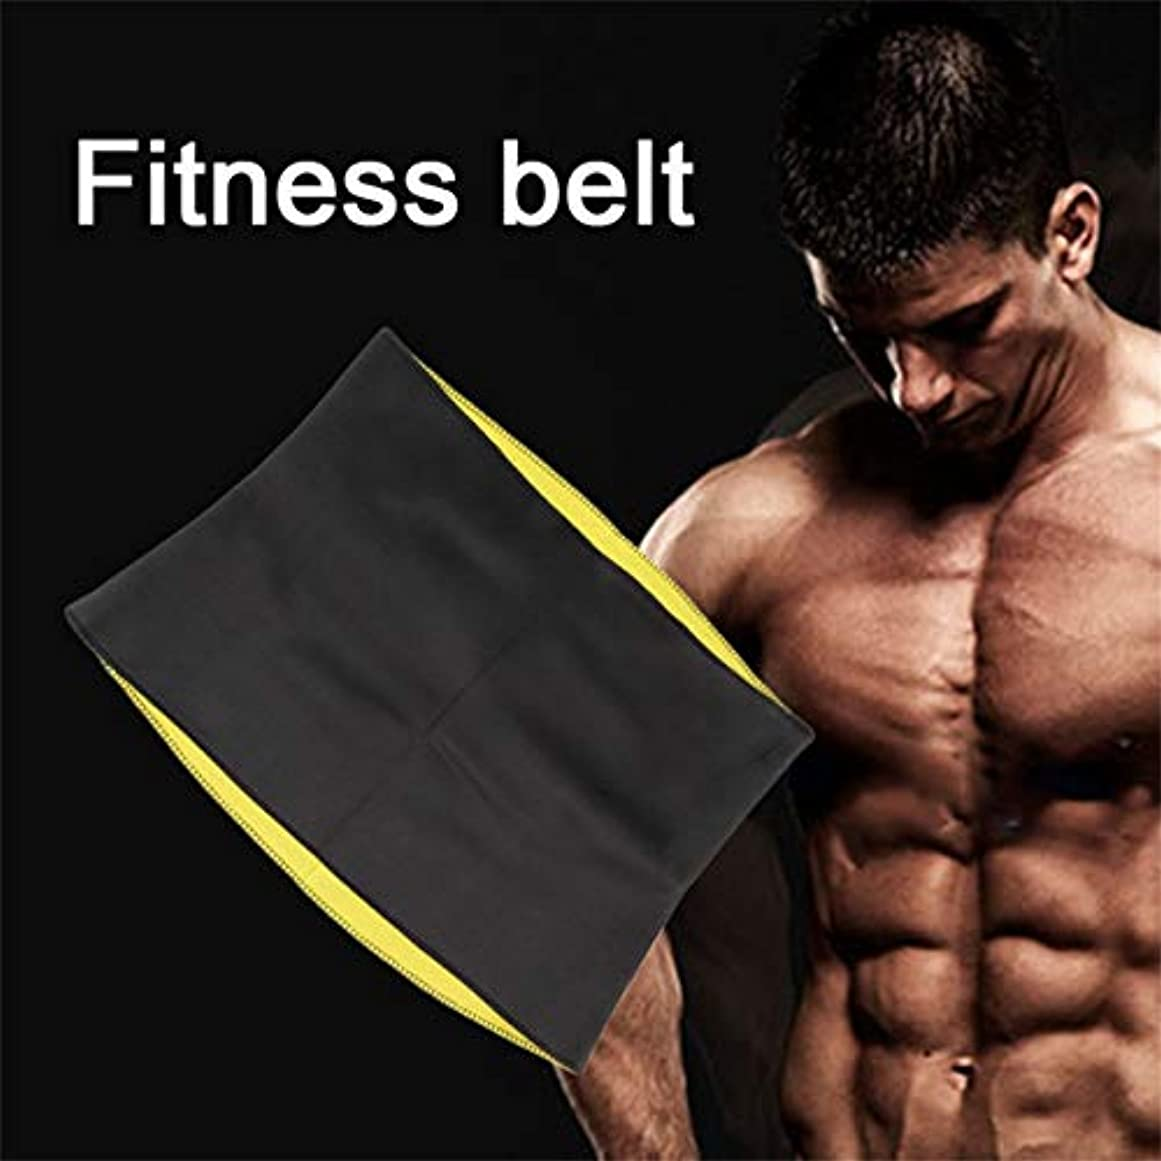 定説病気の複雑Women Adult Solid Neoprene Healthy Slimming Weight Loss Waist Belts Body Shaper Slimming Trainer Trimmer Corsets